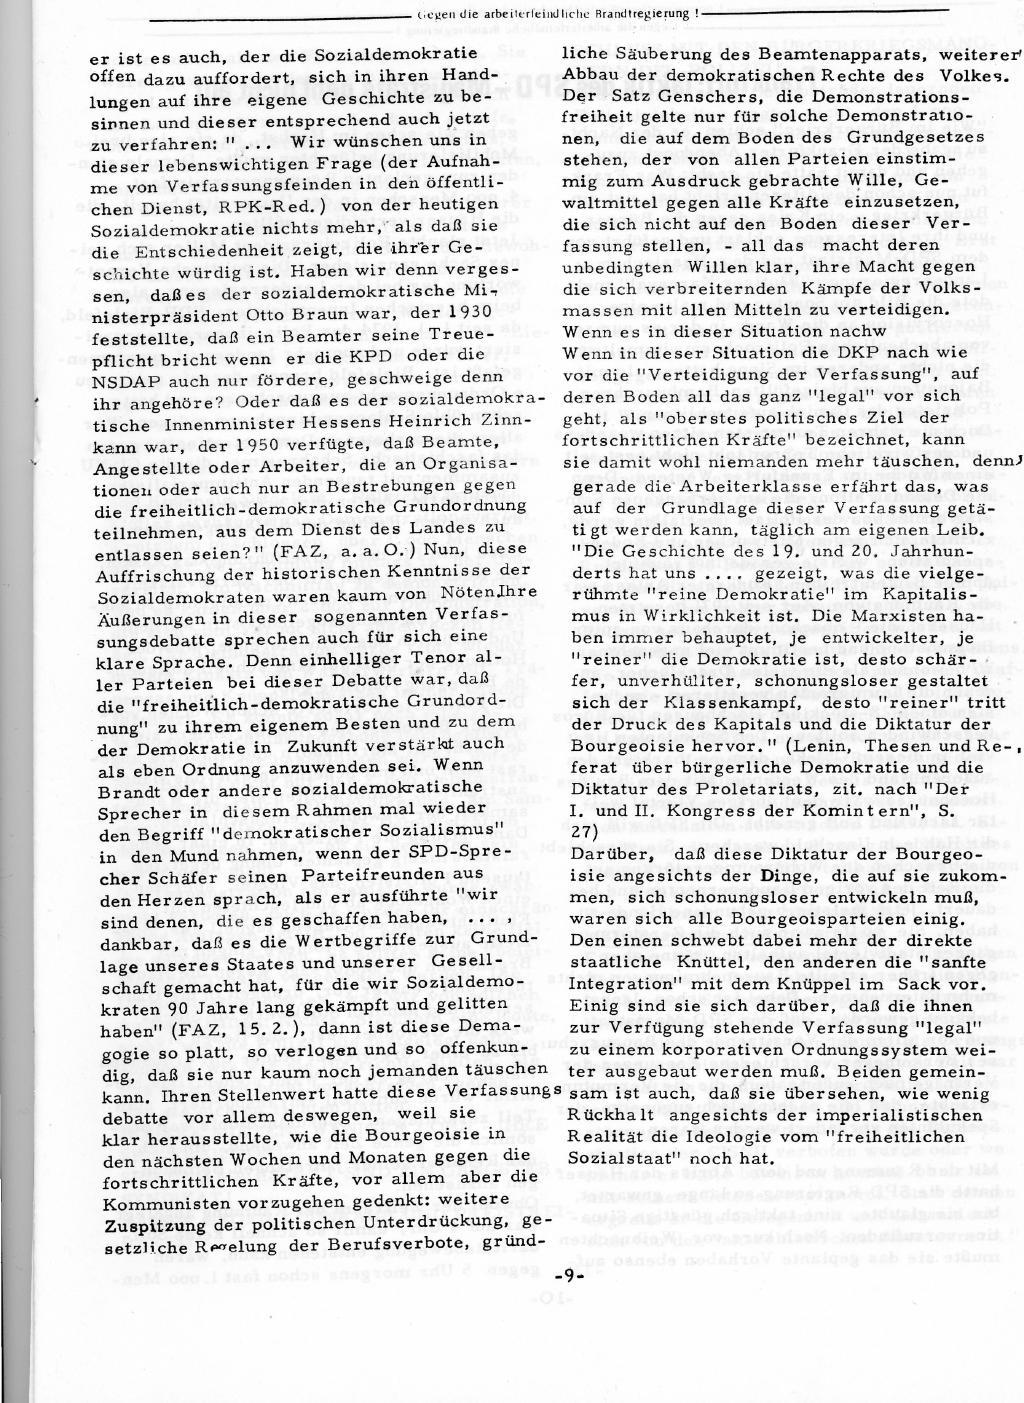 RPK_1974_07_08_09